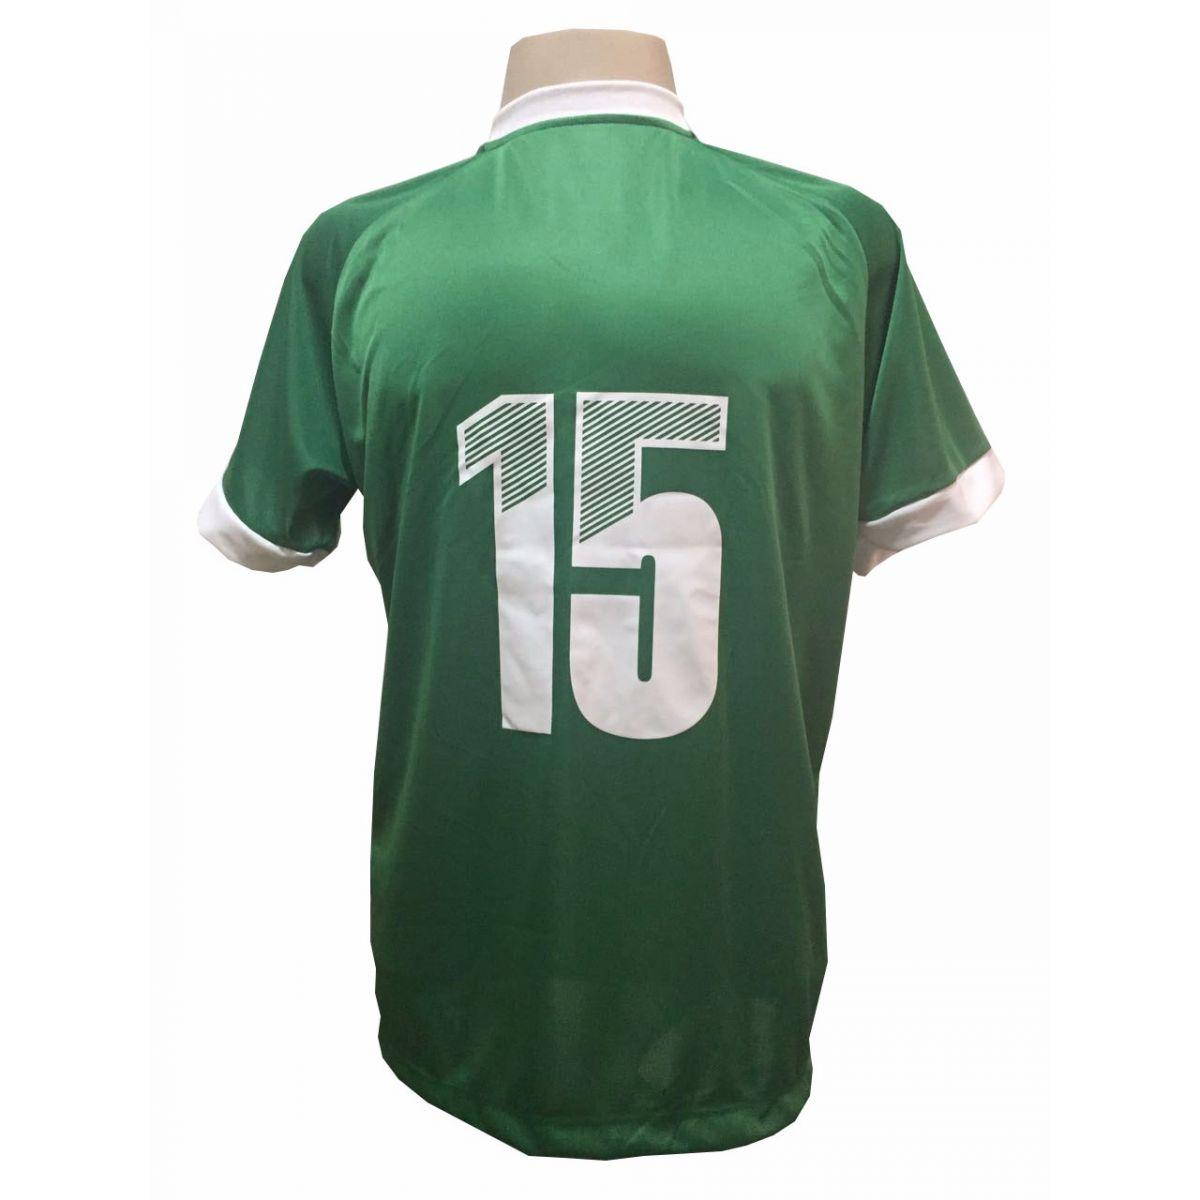 Uniforme Esportivo com 20 camisas modelo Bélgica Verde/Branco + 20 calções modelo Madrid Verde + Brindes